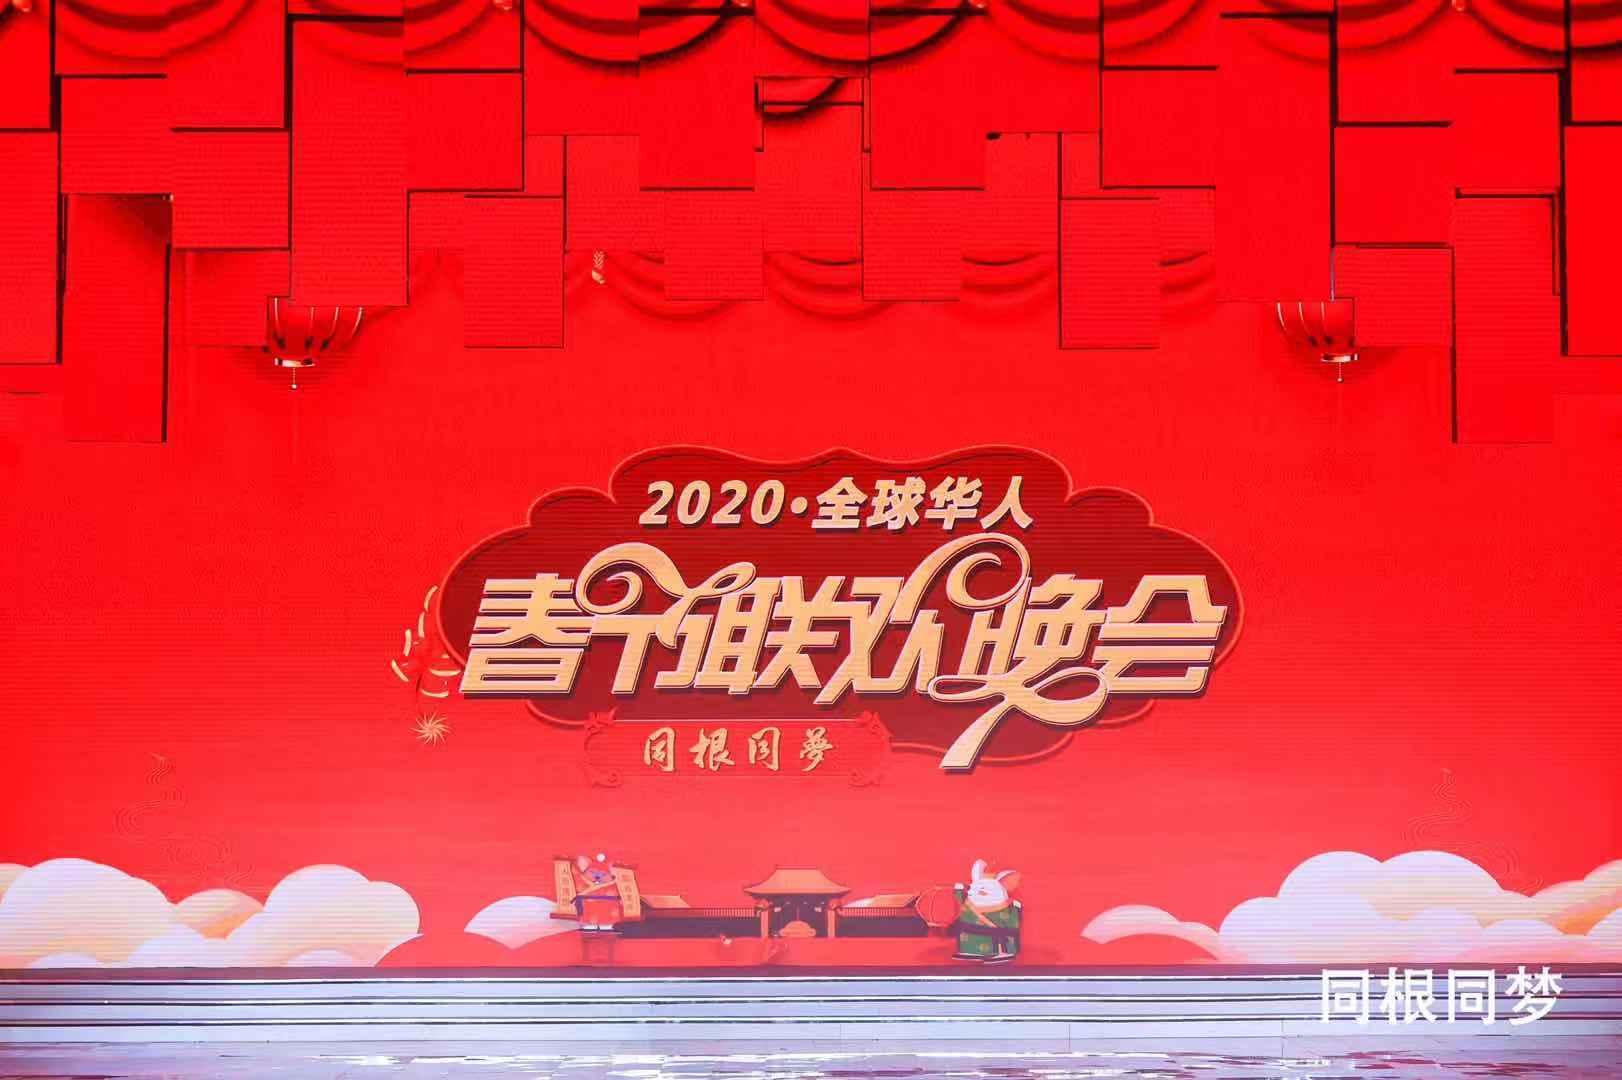 """卓顺发太平绅士荣获""""华人楷模 2019年度人物奖和慈善领袖奖荣誉称号""""图1"""